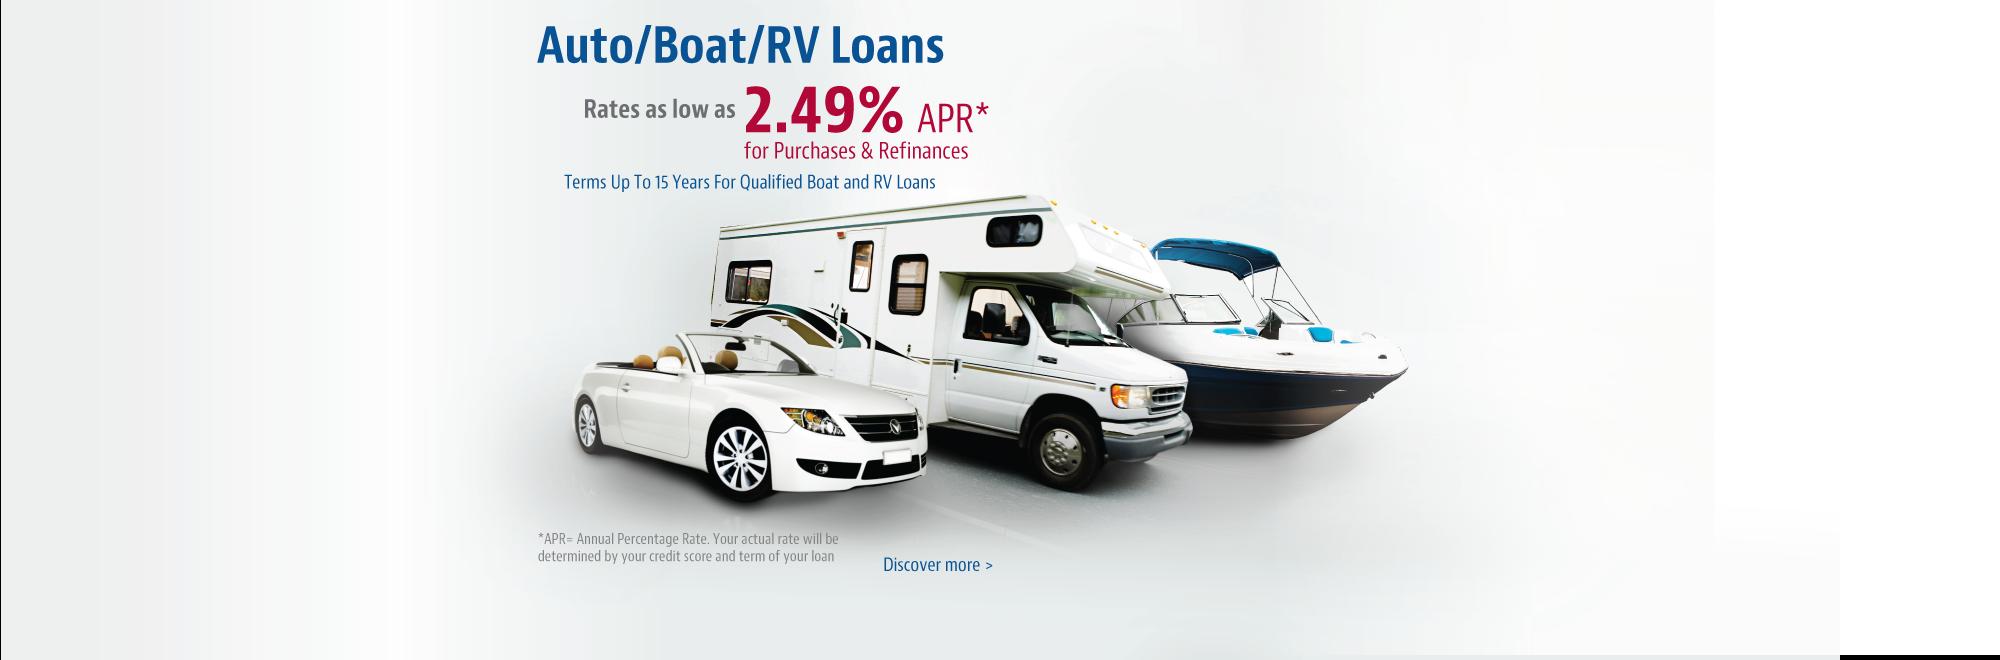 Auto/Boat/RV Loans